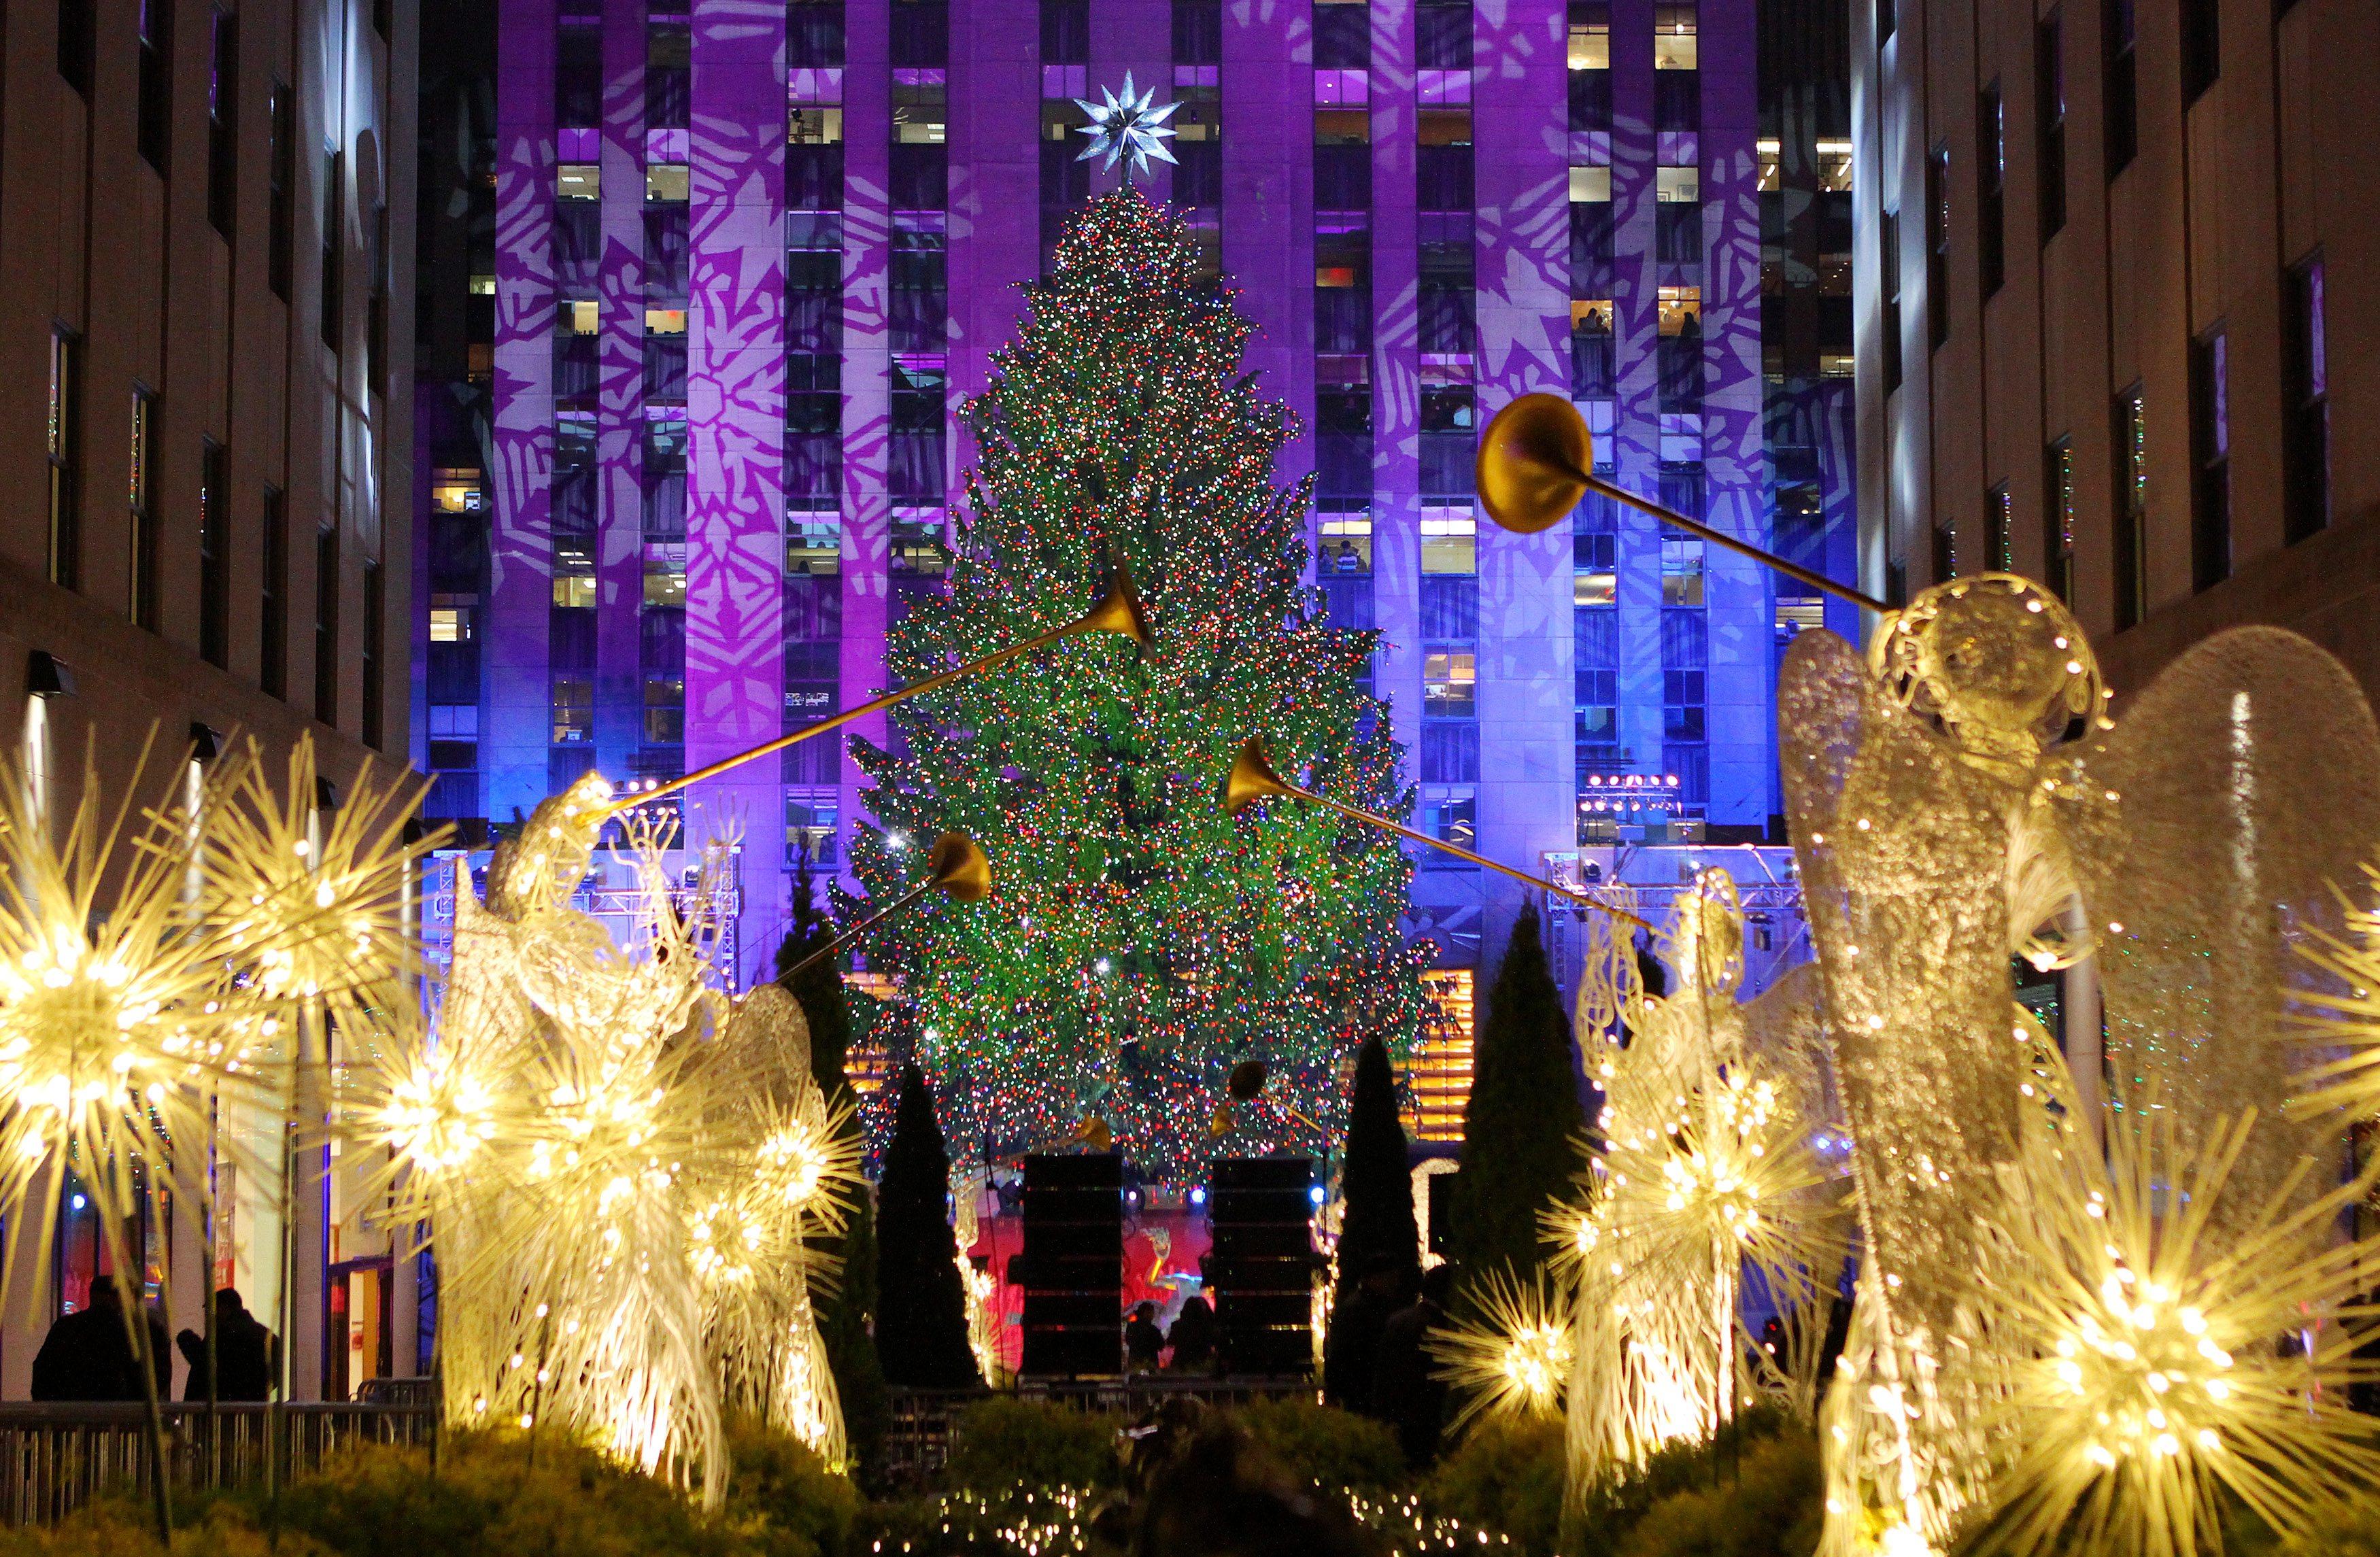 Albero Di Natale Rockefeller Center 2020.Dove Vanno Gli Italiani In Vacanza A Natale Magazine Dlt